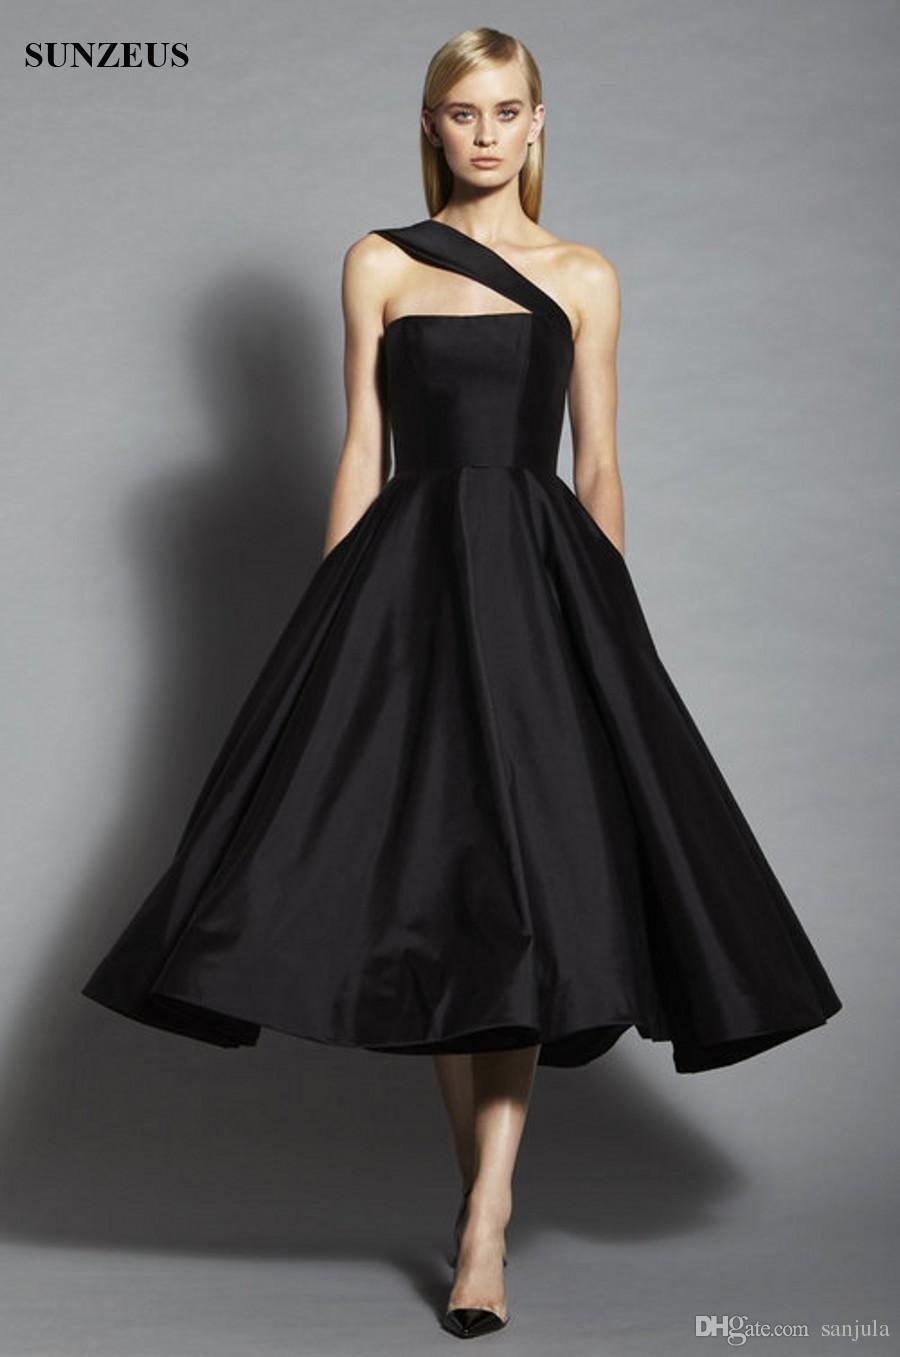 Compre Un Hombro Vestido De Noche Largo De Té Negro Satén Corto Vestidos  Formales Vestidos De Fiesta Elegantes Y Sencillos Con Bolsillos A  130.66  Del ... 1c0a6cf9bb0b